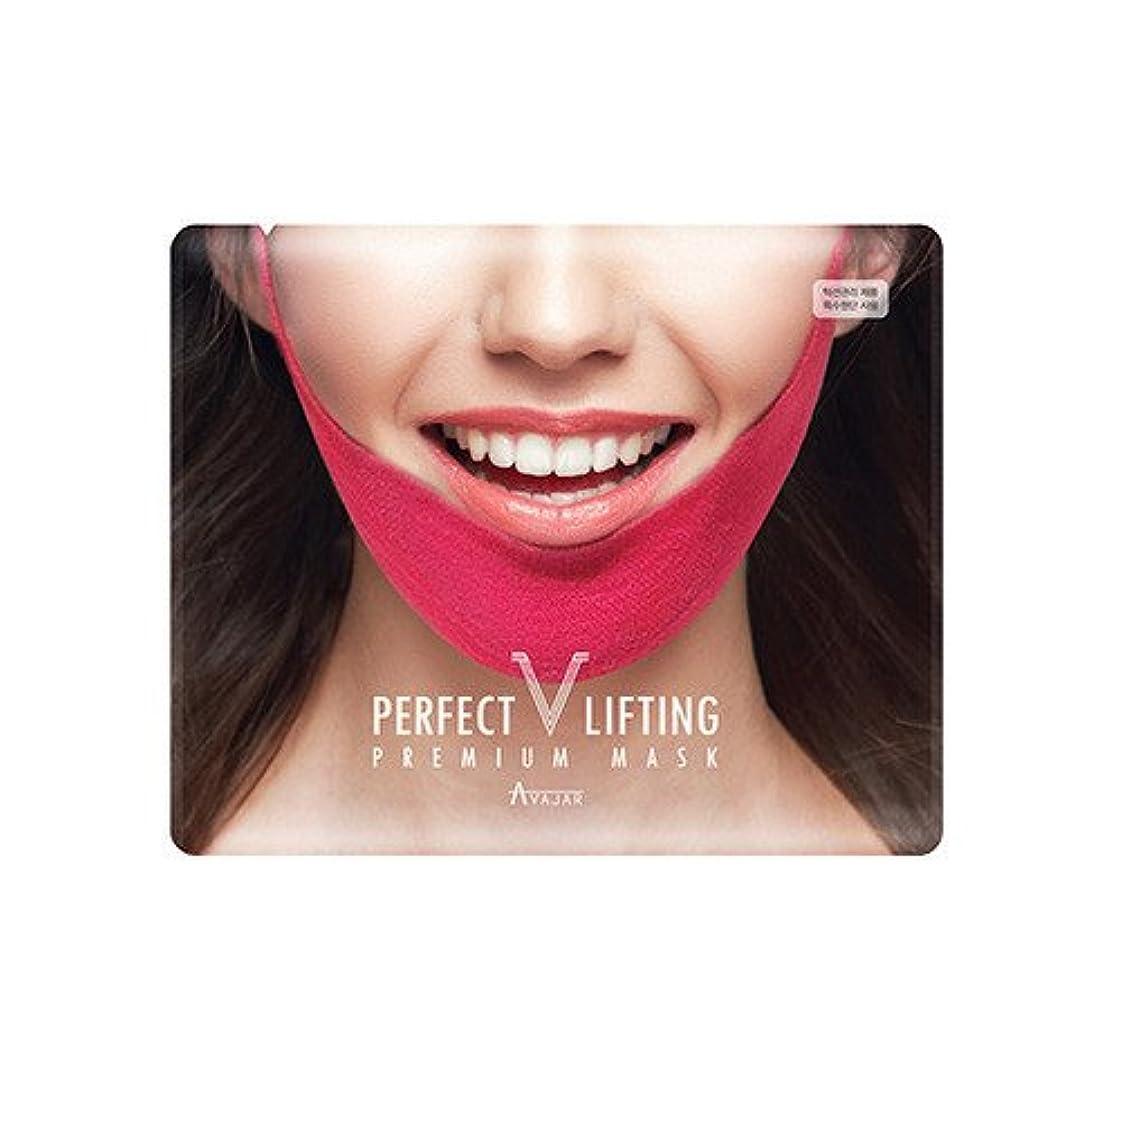 乙女歯車指紋Avajar パーフェクトVはプレミアムマスクリフティング 1ea 女性の年齢は彼女の下顎の輪郭によって決定されます [並行輸入品]